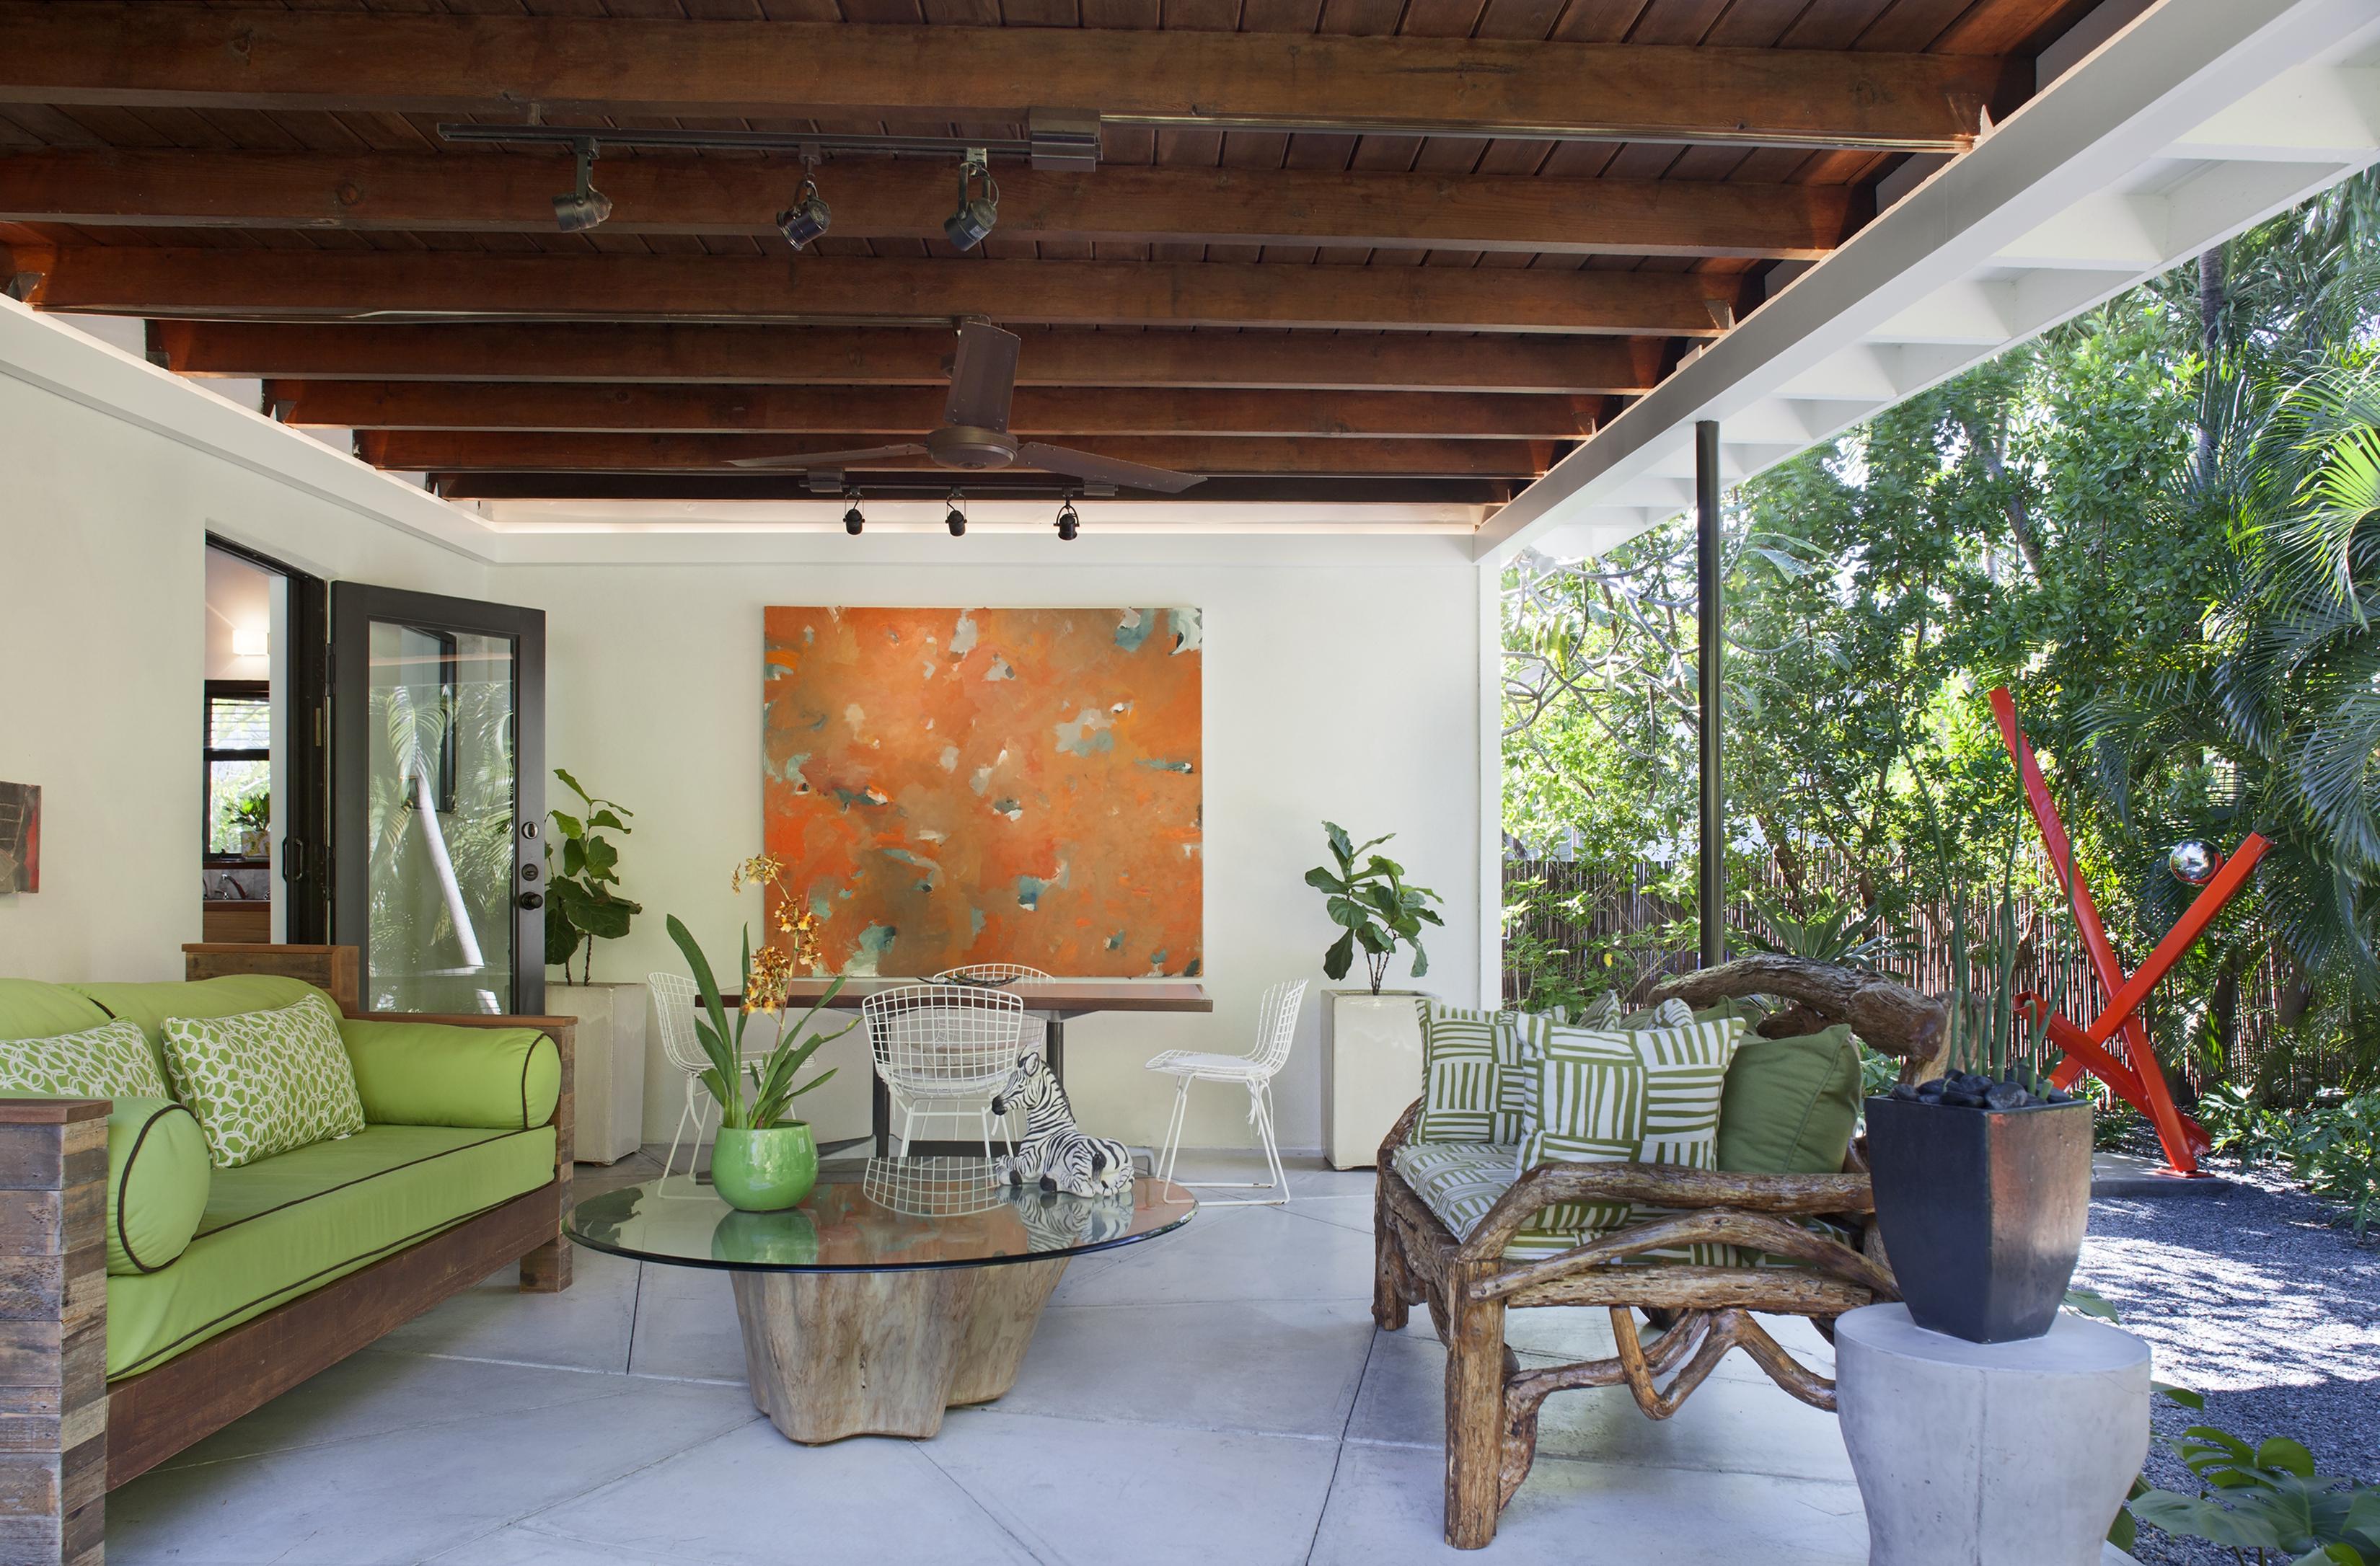 1517 Washington St. Key West, Lanai 1